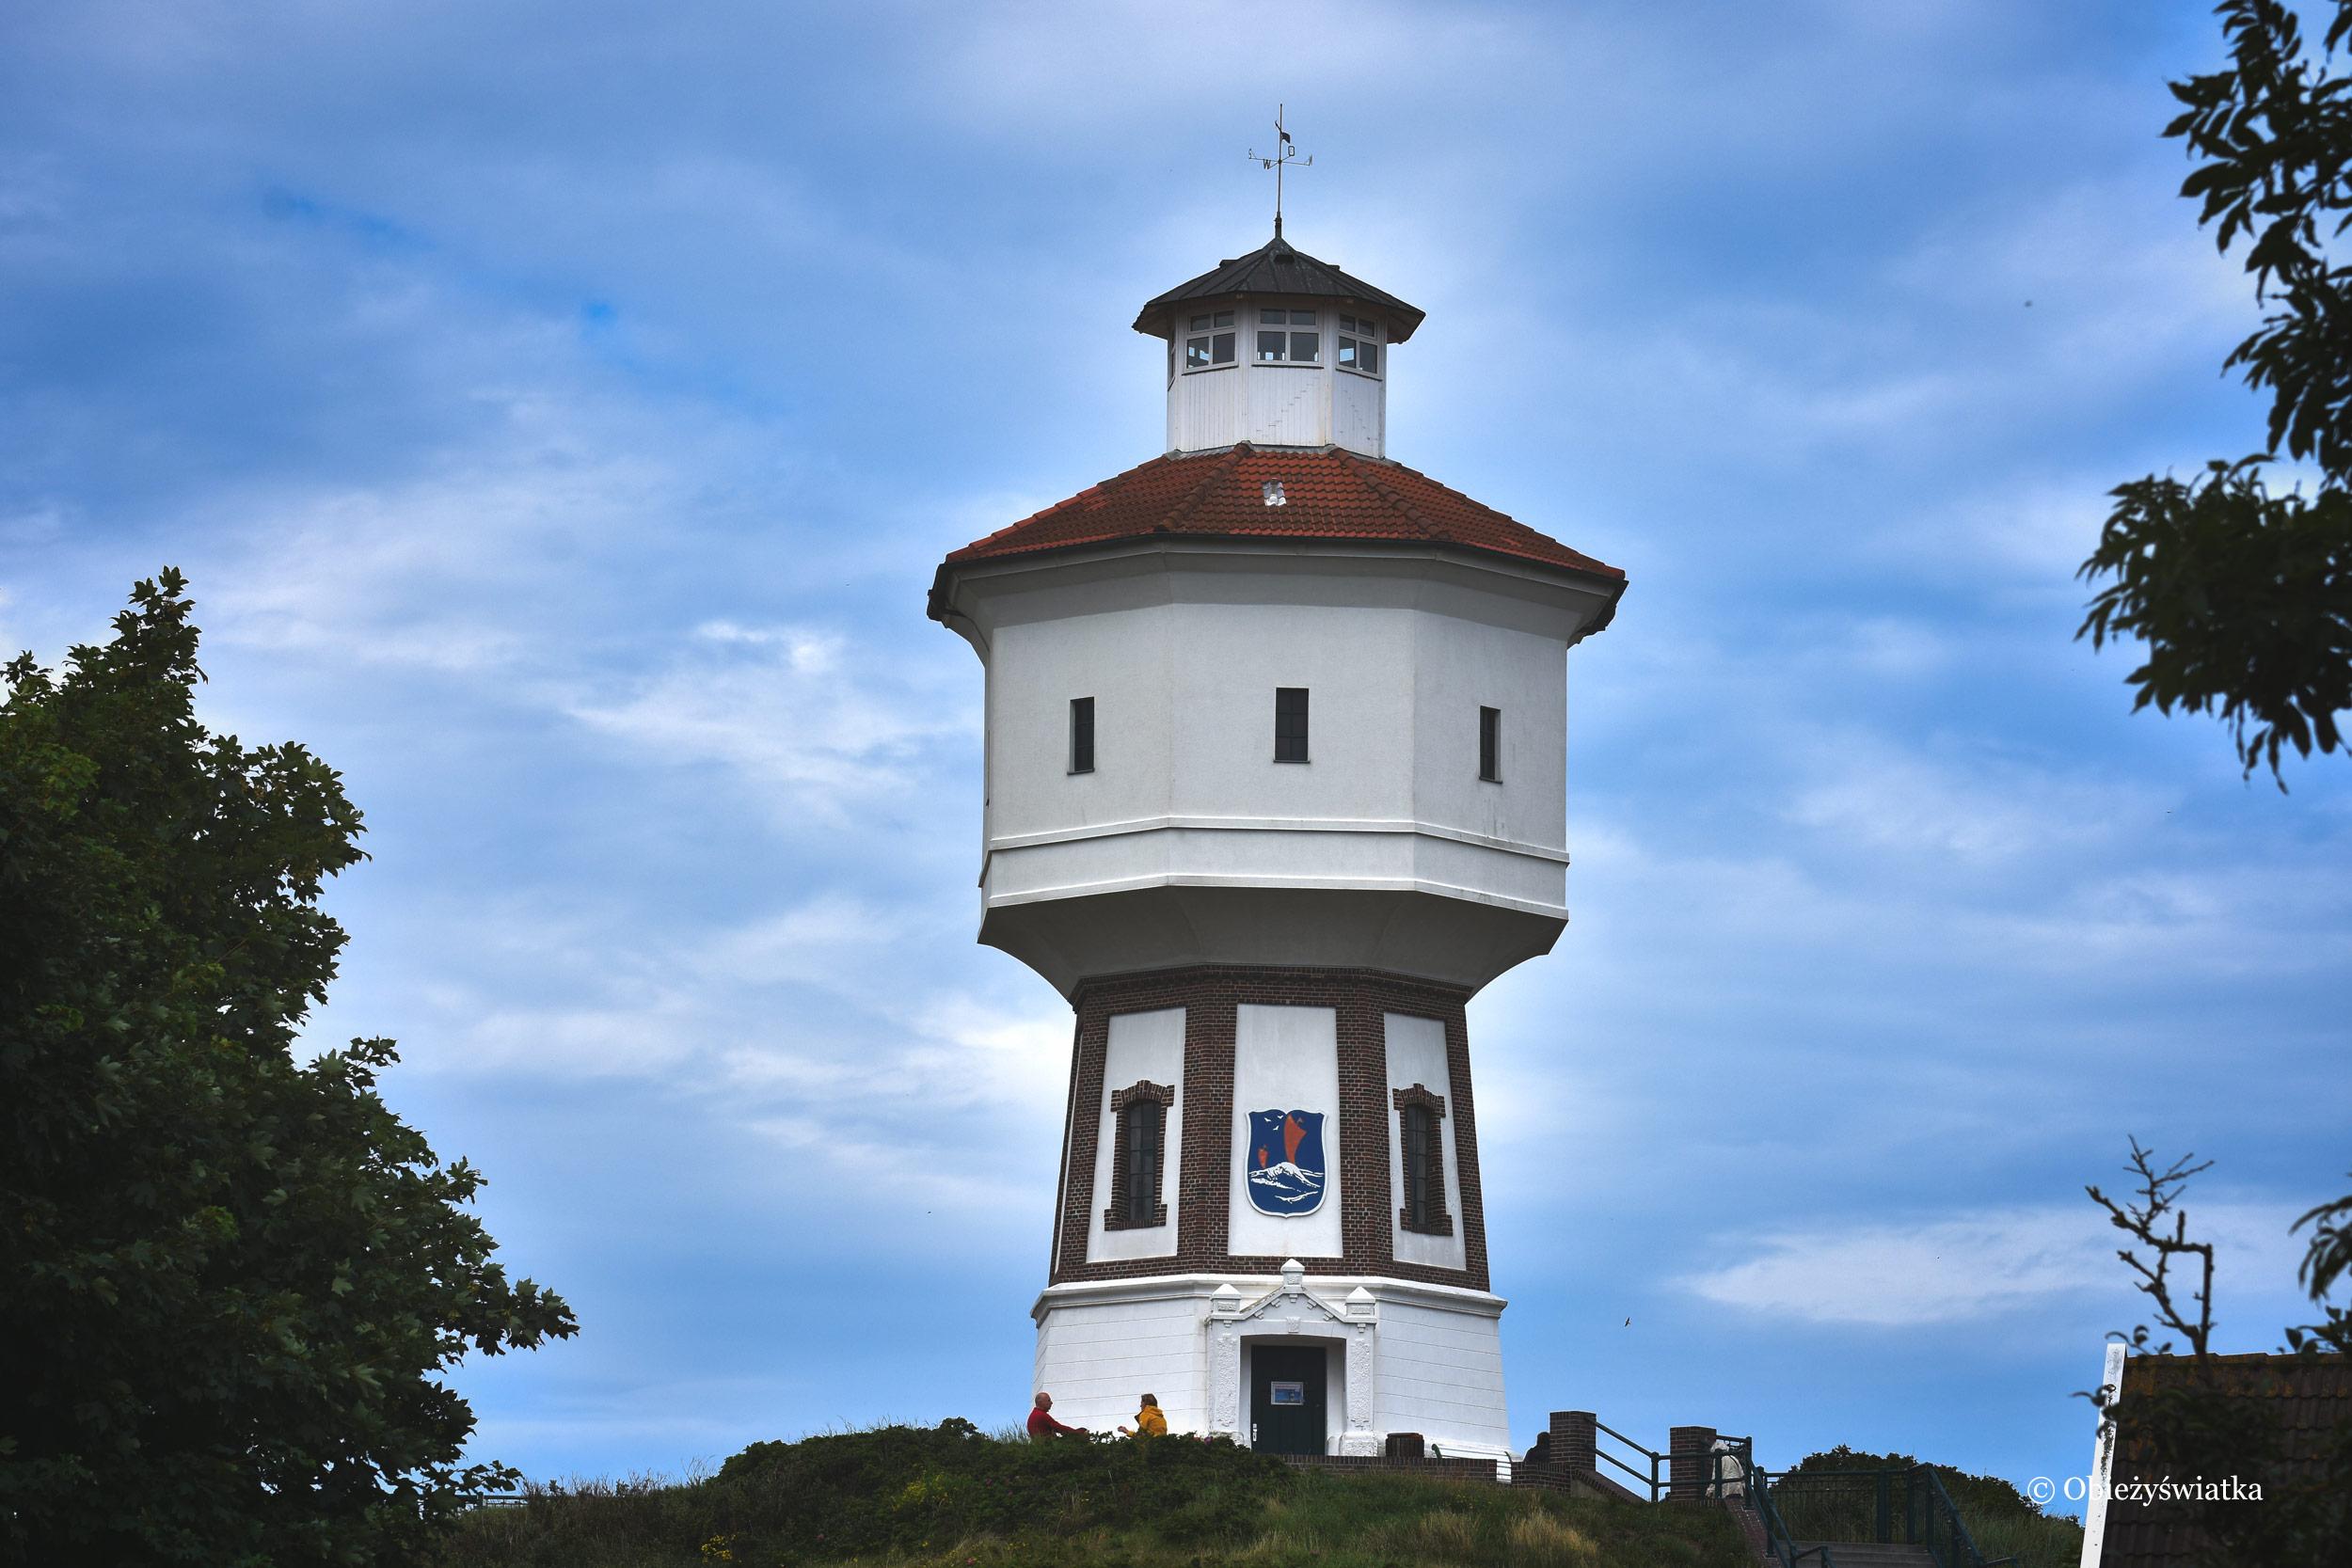 Wieża ciśnień na Wyspie Langeoog, Niemcy